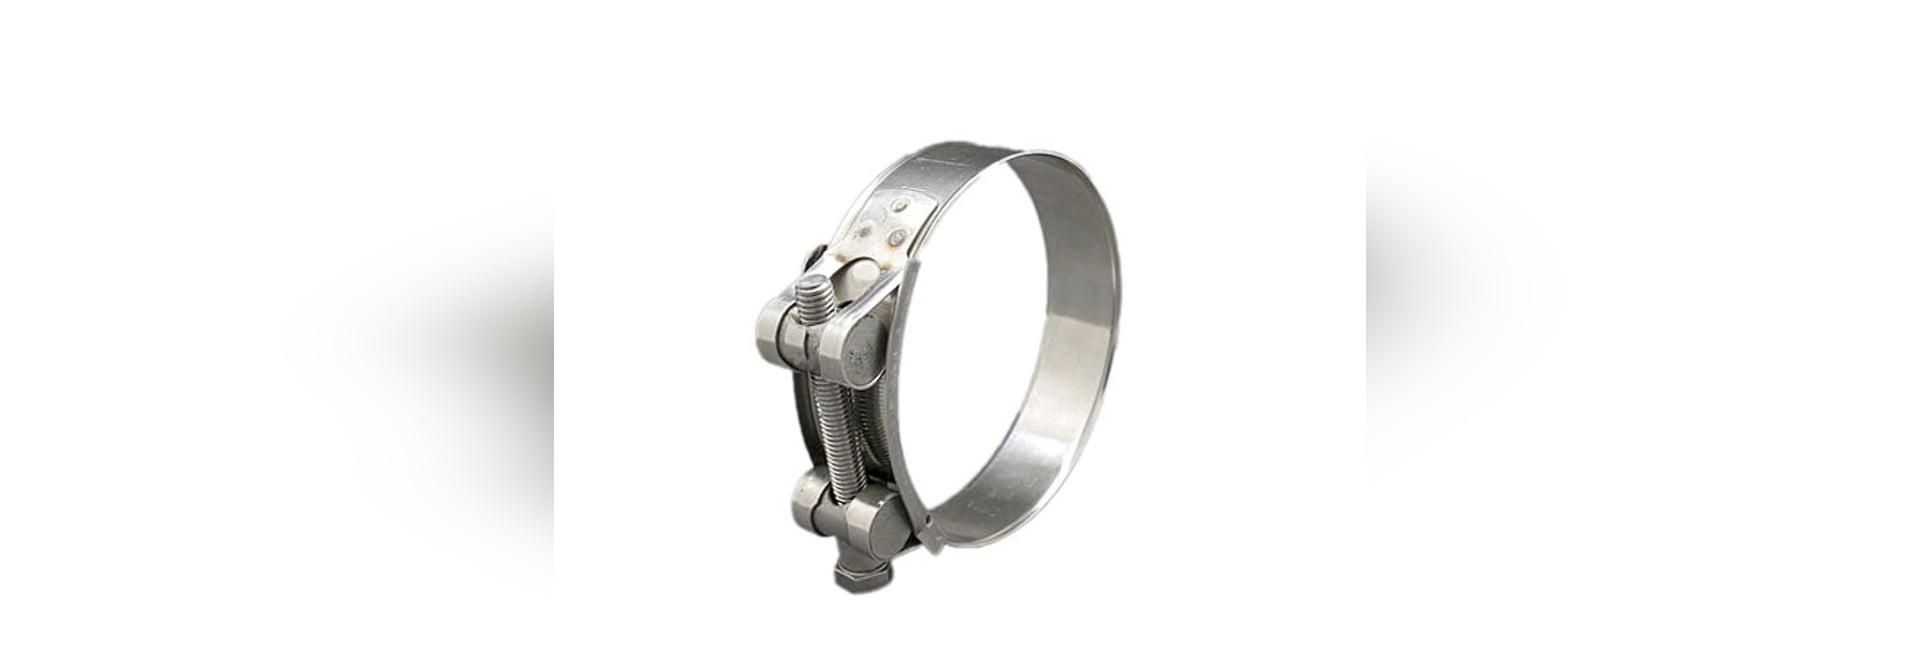 Single Bolt Heavy Duty Hose Cl&  sc 1 st  Trends & Single Bolt Heavy Duty Hose Clamp - King Seal Fastener Technology ...